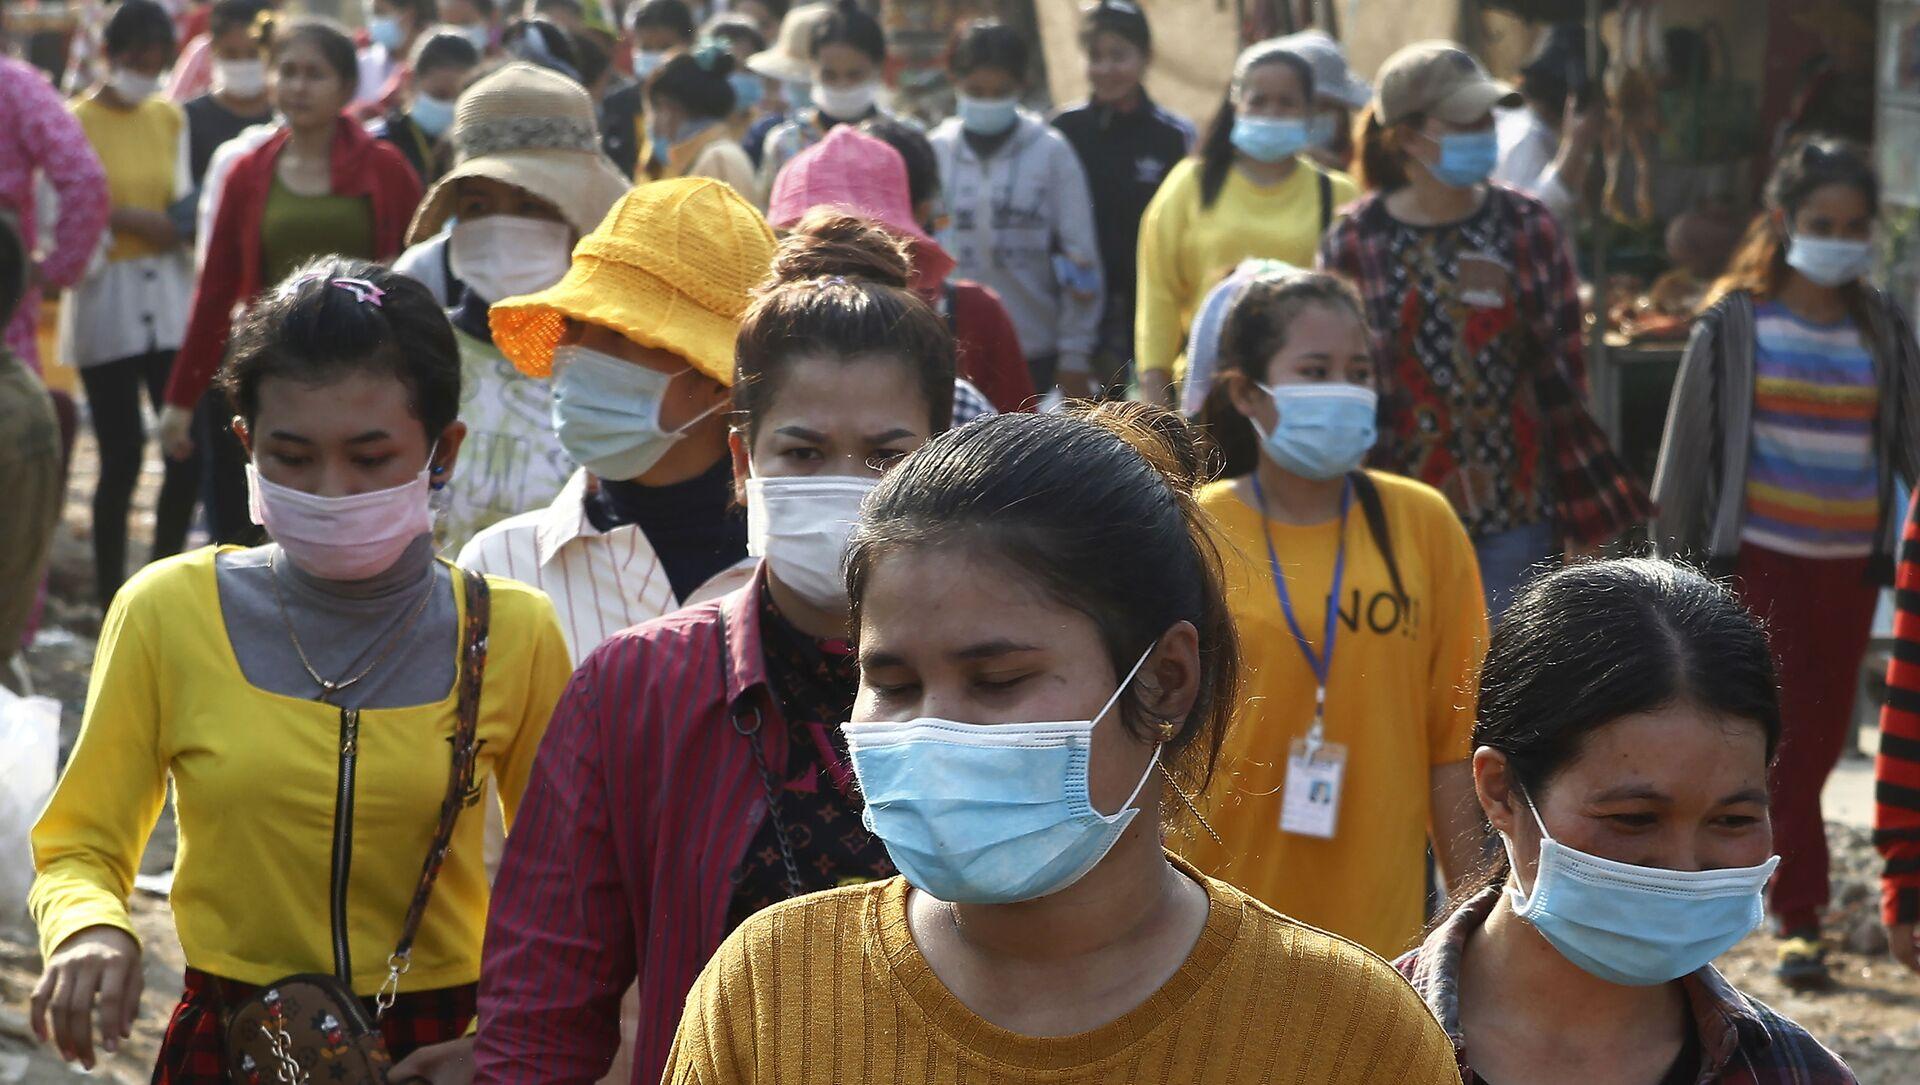 Người dân Campuchia đeo khẩu trang y tế. - Sputnik Việt Nam, 1920, 29.07.2021